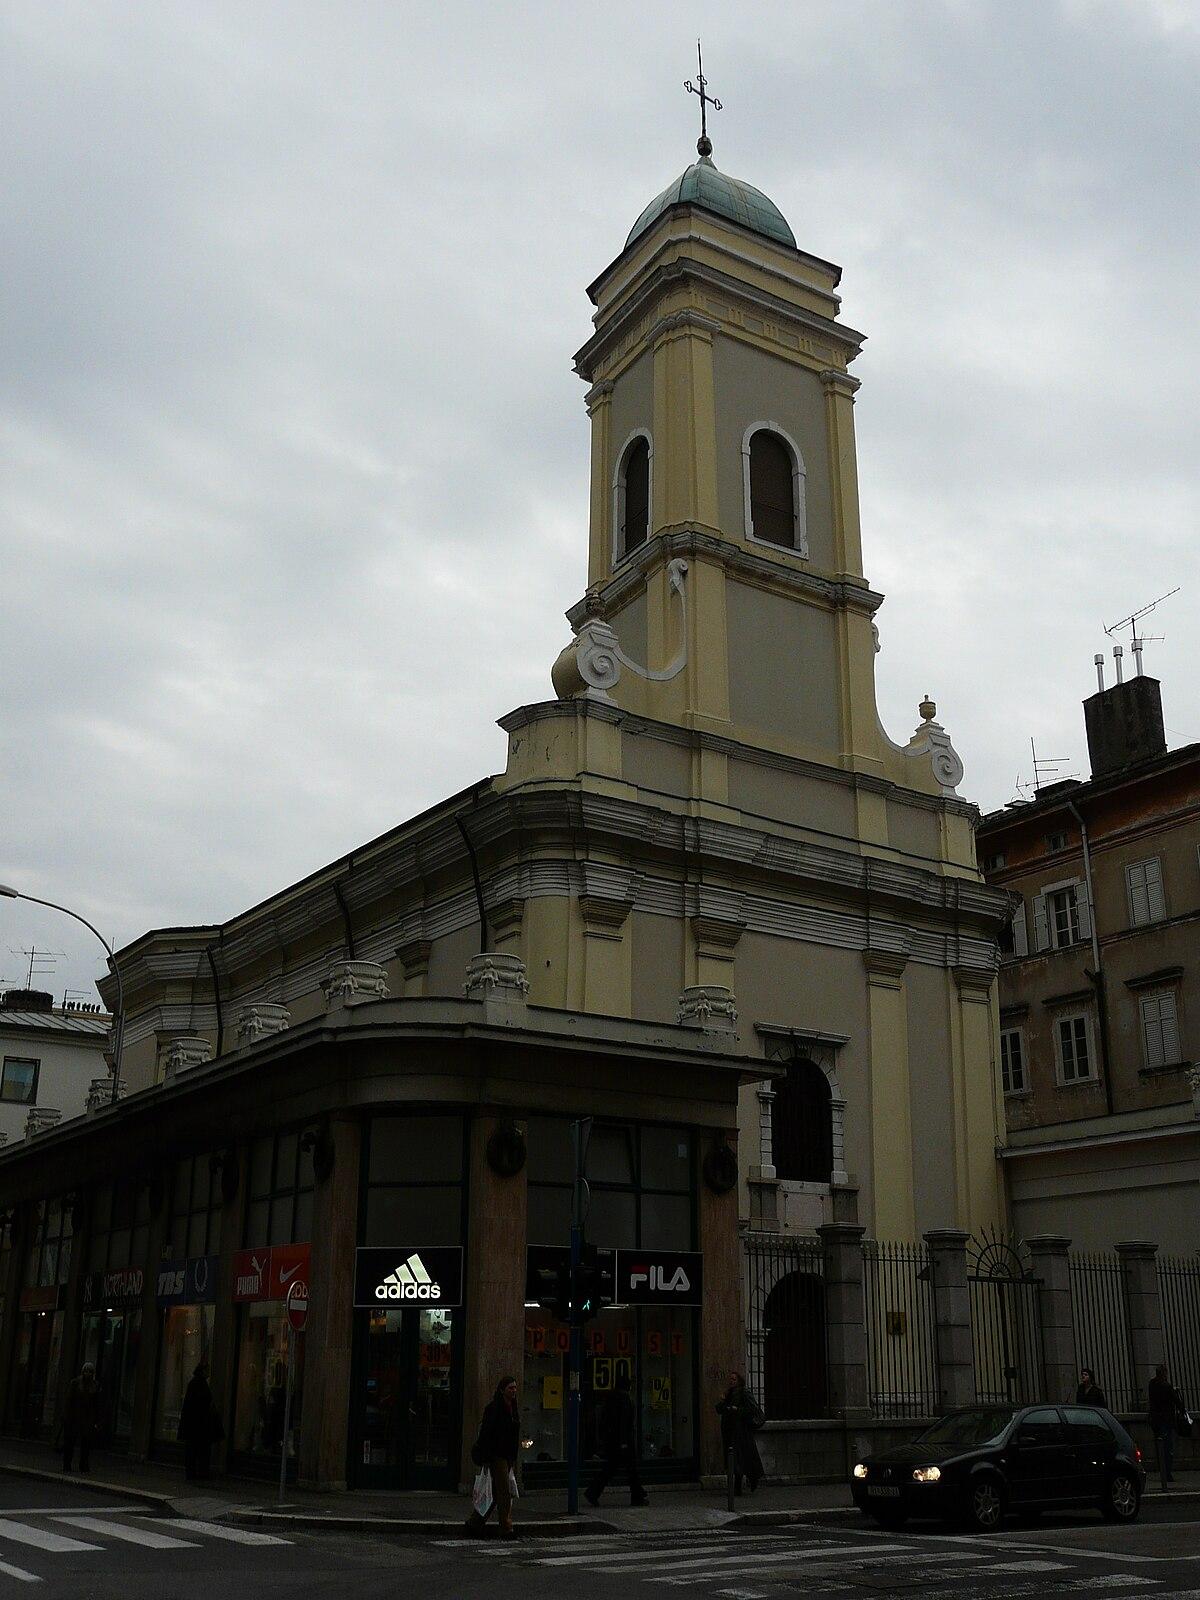 Church of St. Nicholas, Rijeka - Wikipedia